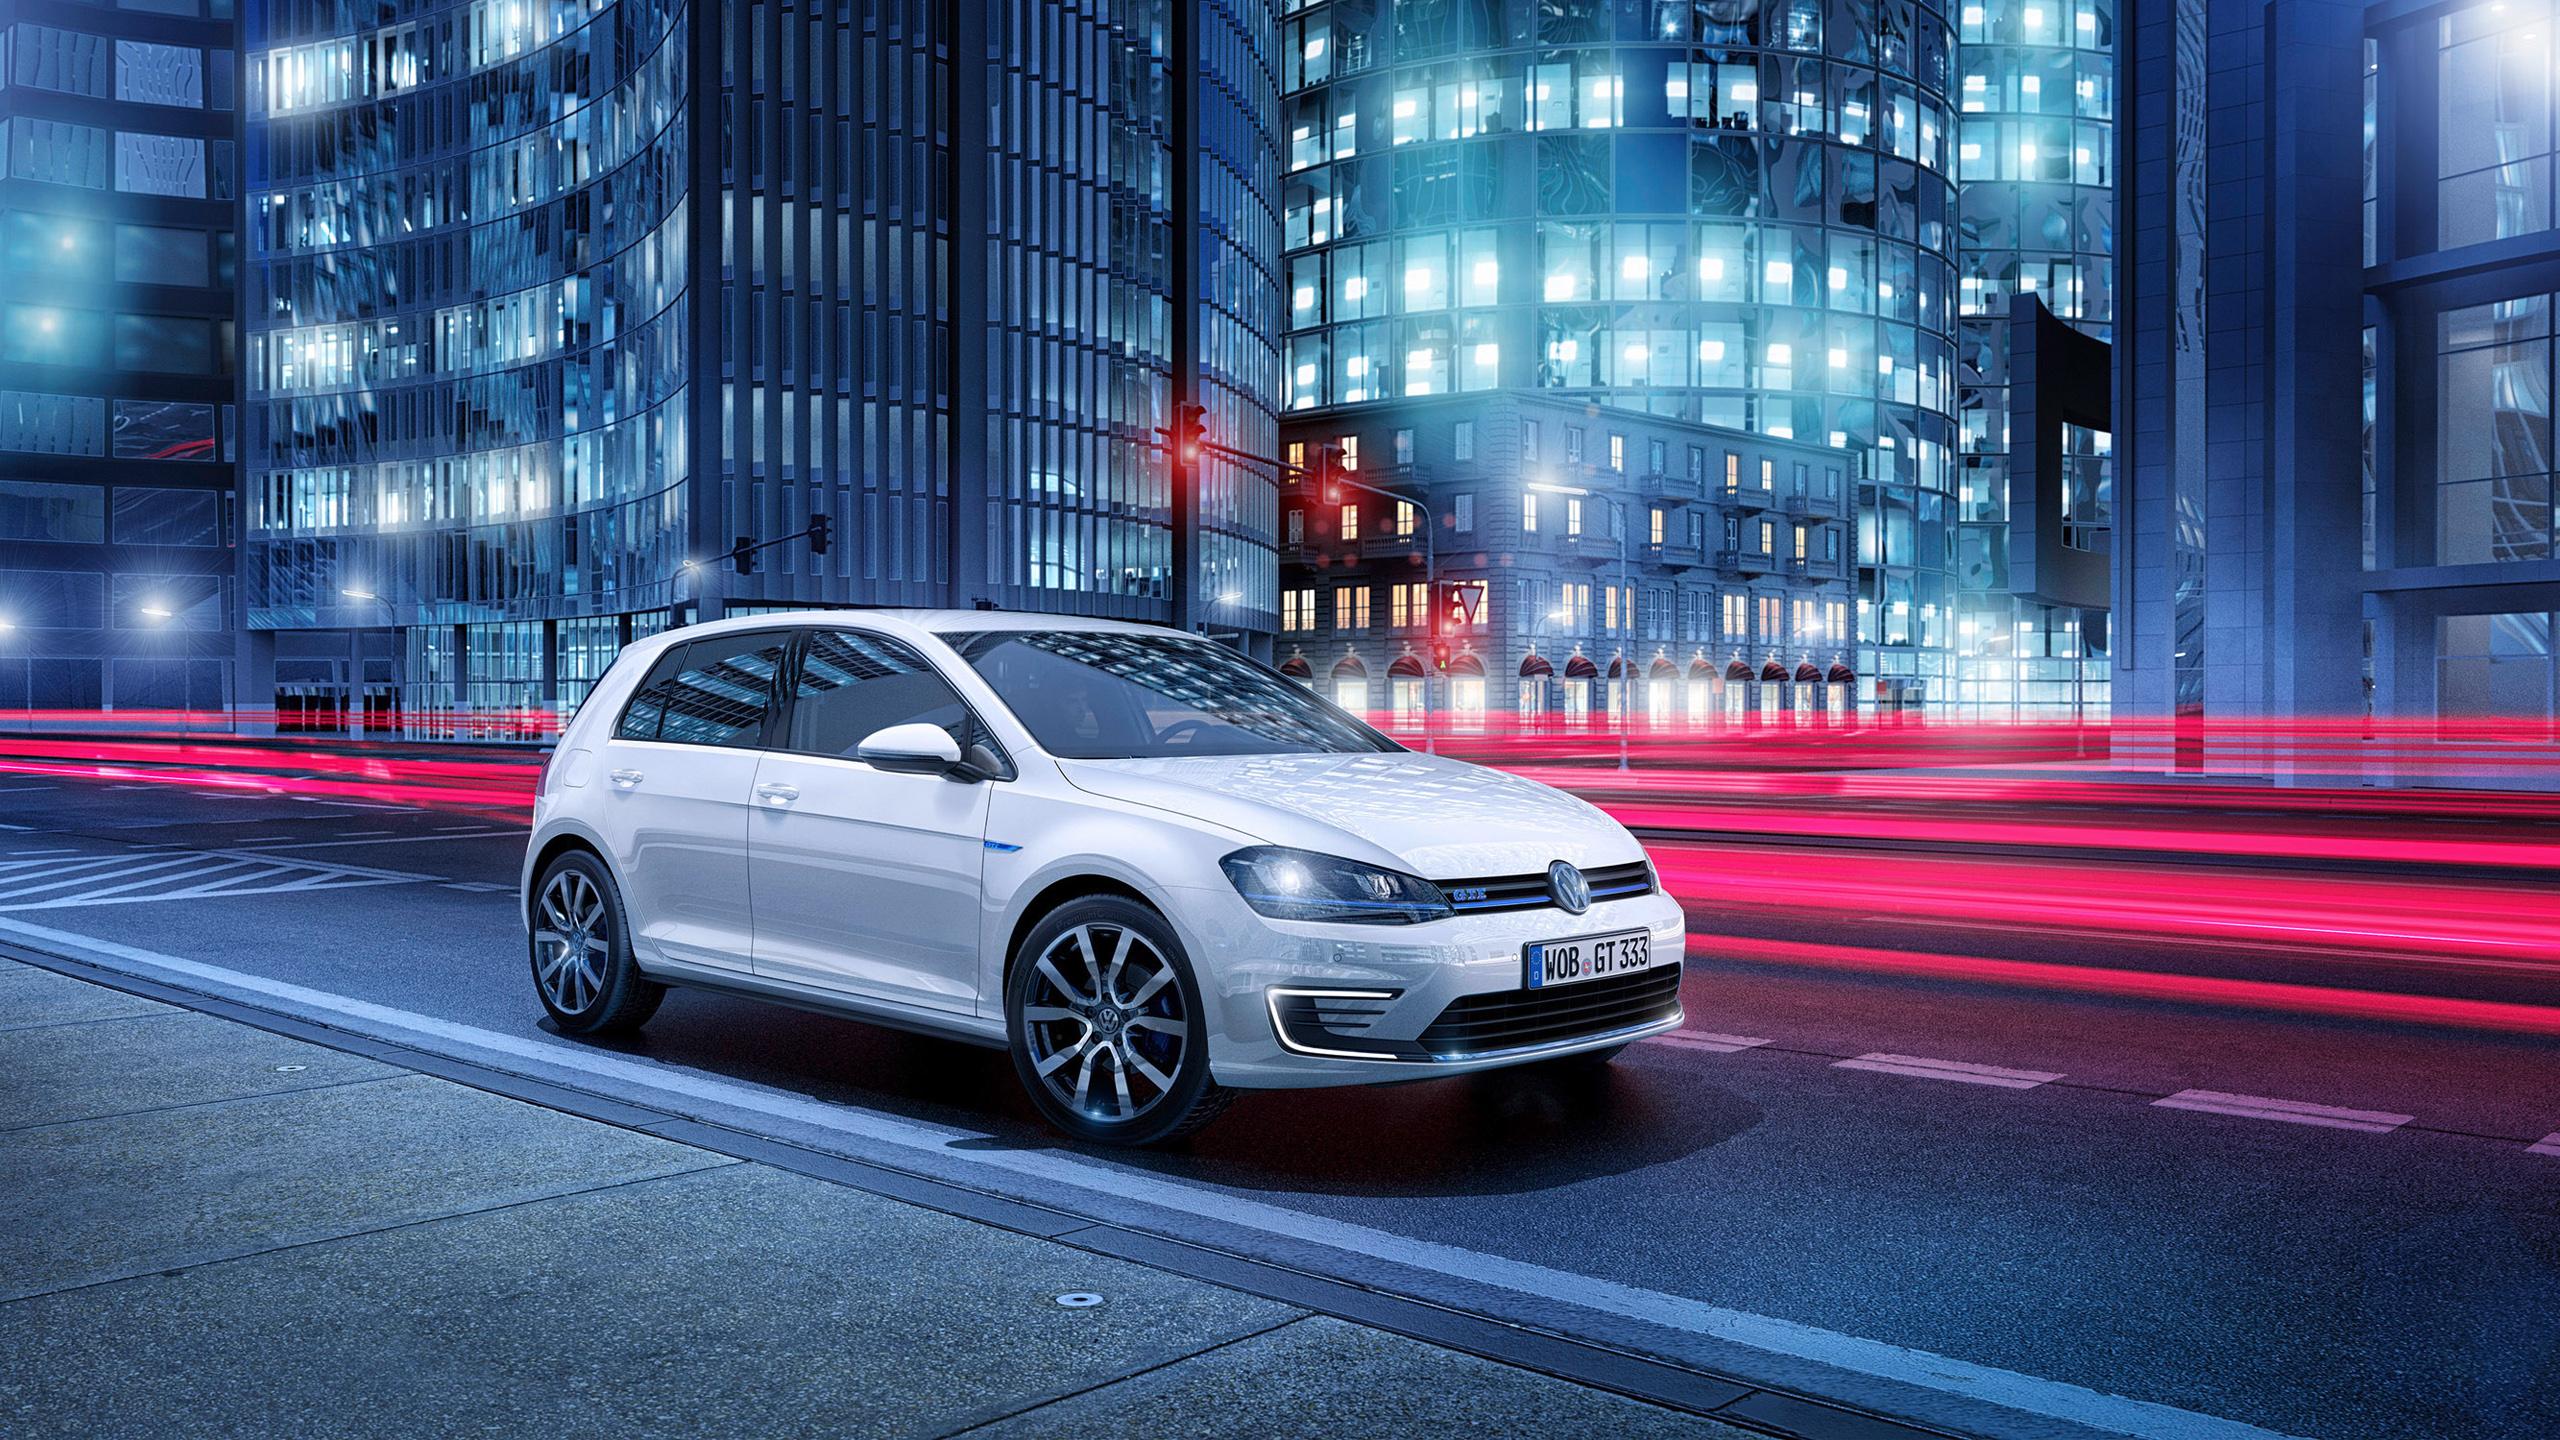 2014 Volkswagen Golf GTE Plug In Hybrid